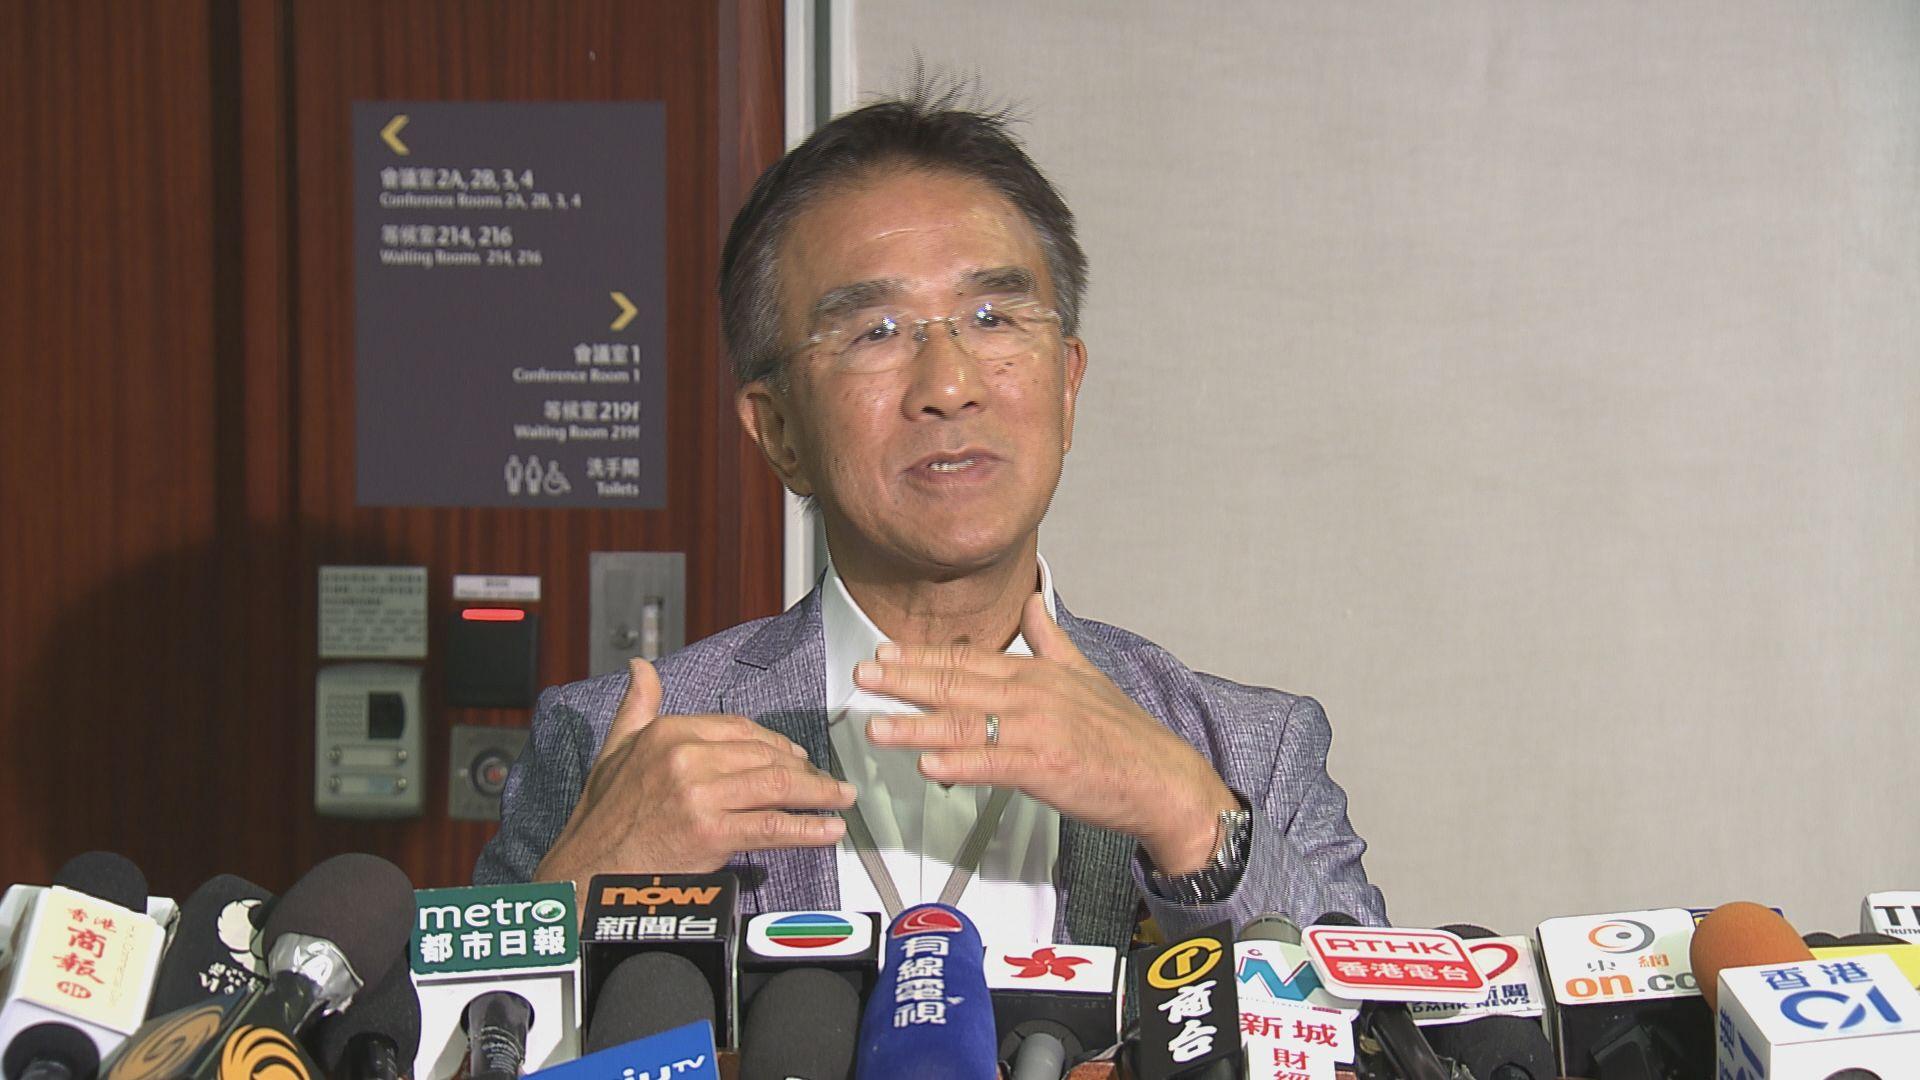 田北辰:政府調低乘客量預測是尊重港鐵估計